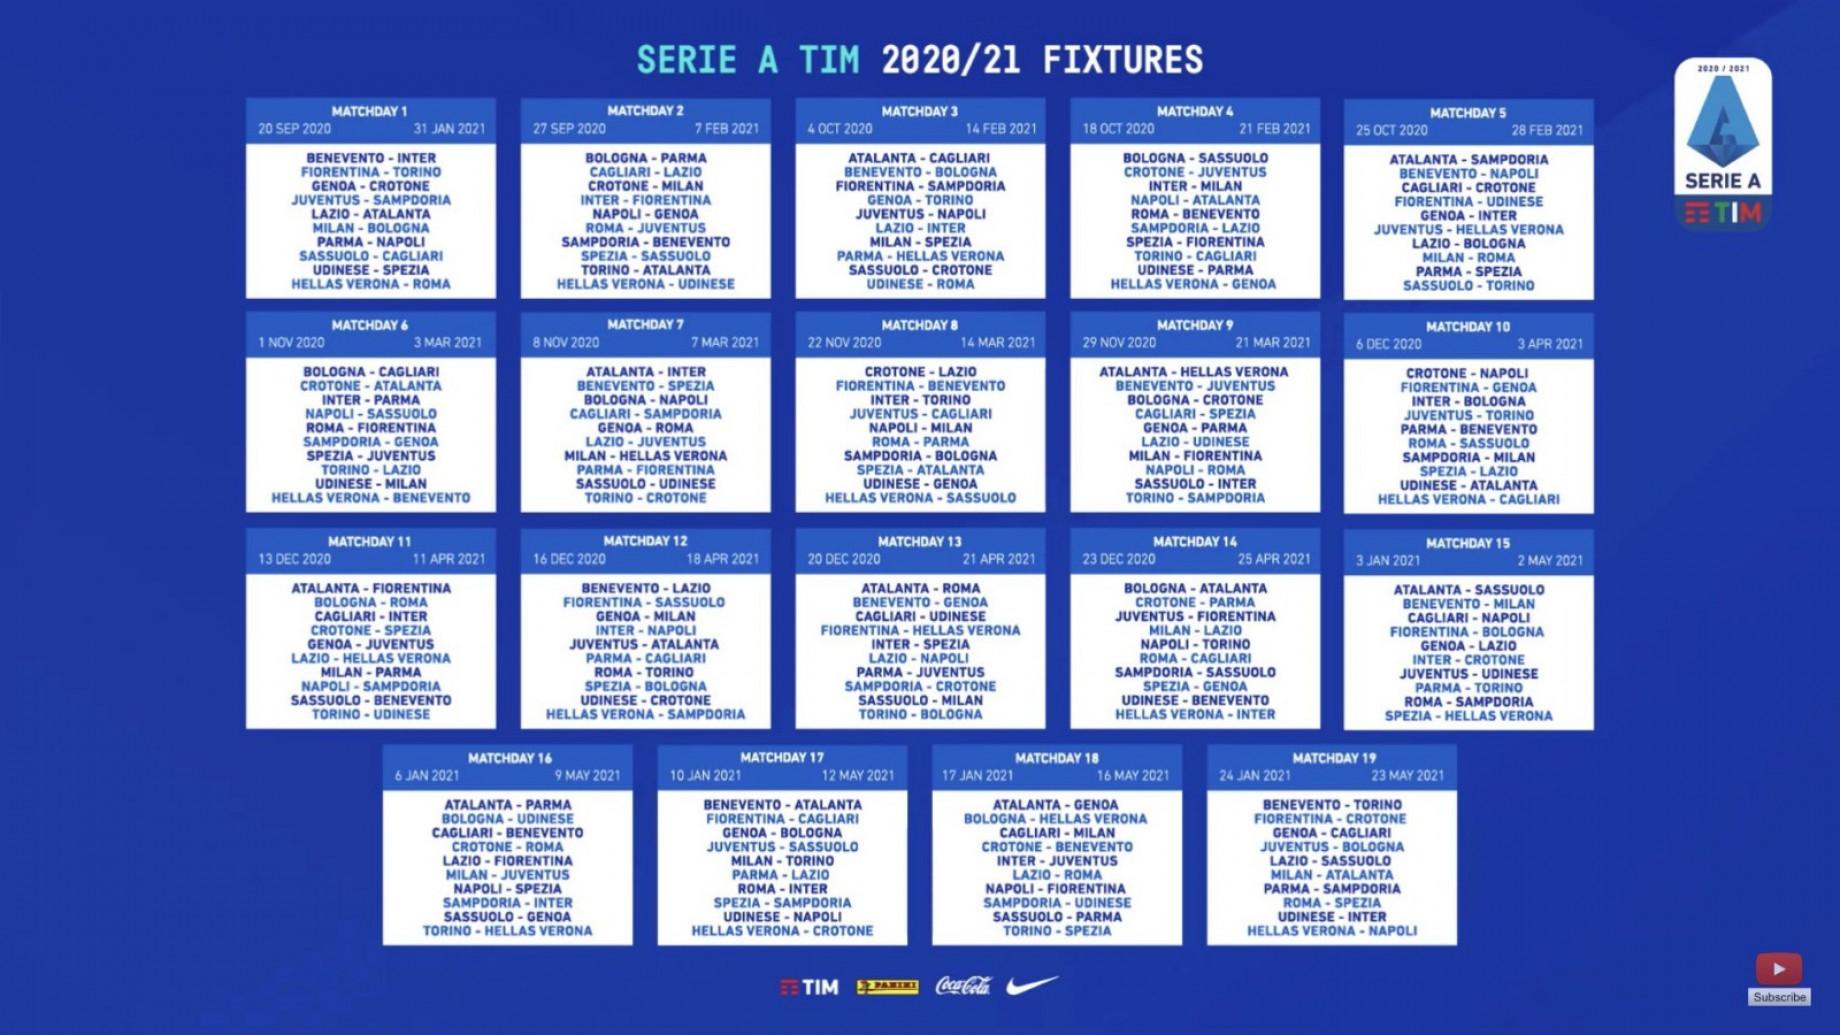 Gianluca Di Marzio :: Serie A 2020/2021, il calendario completo